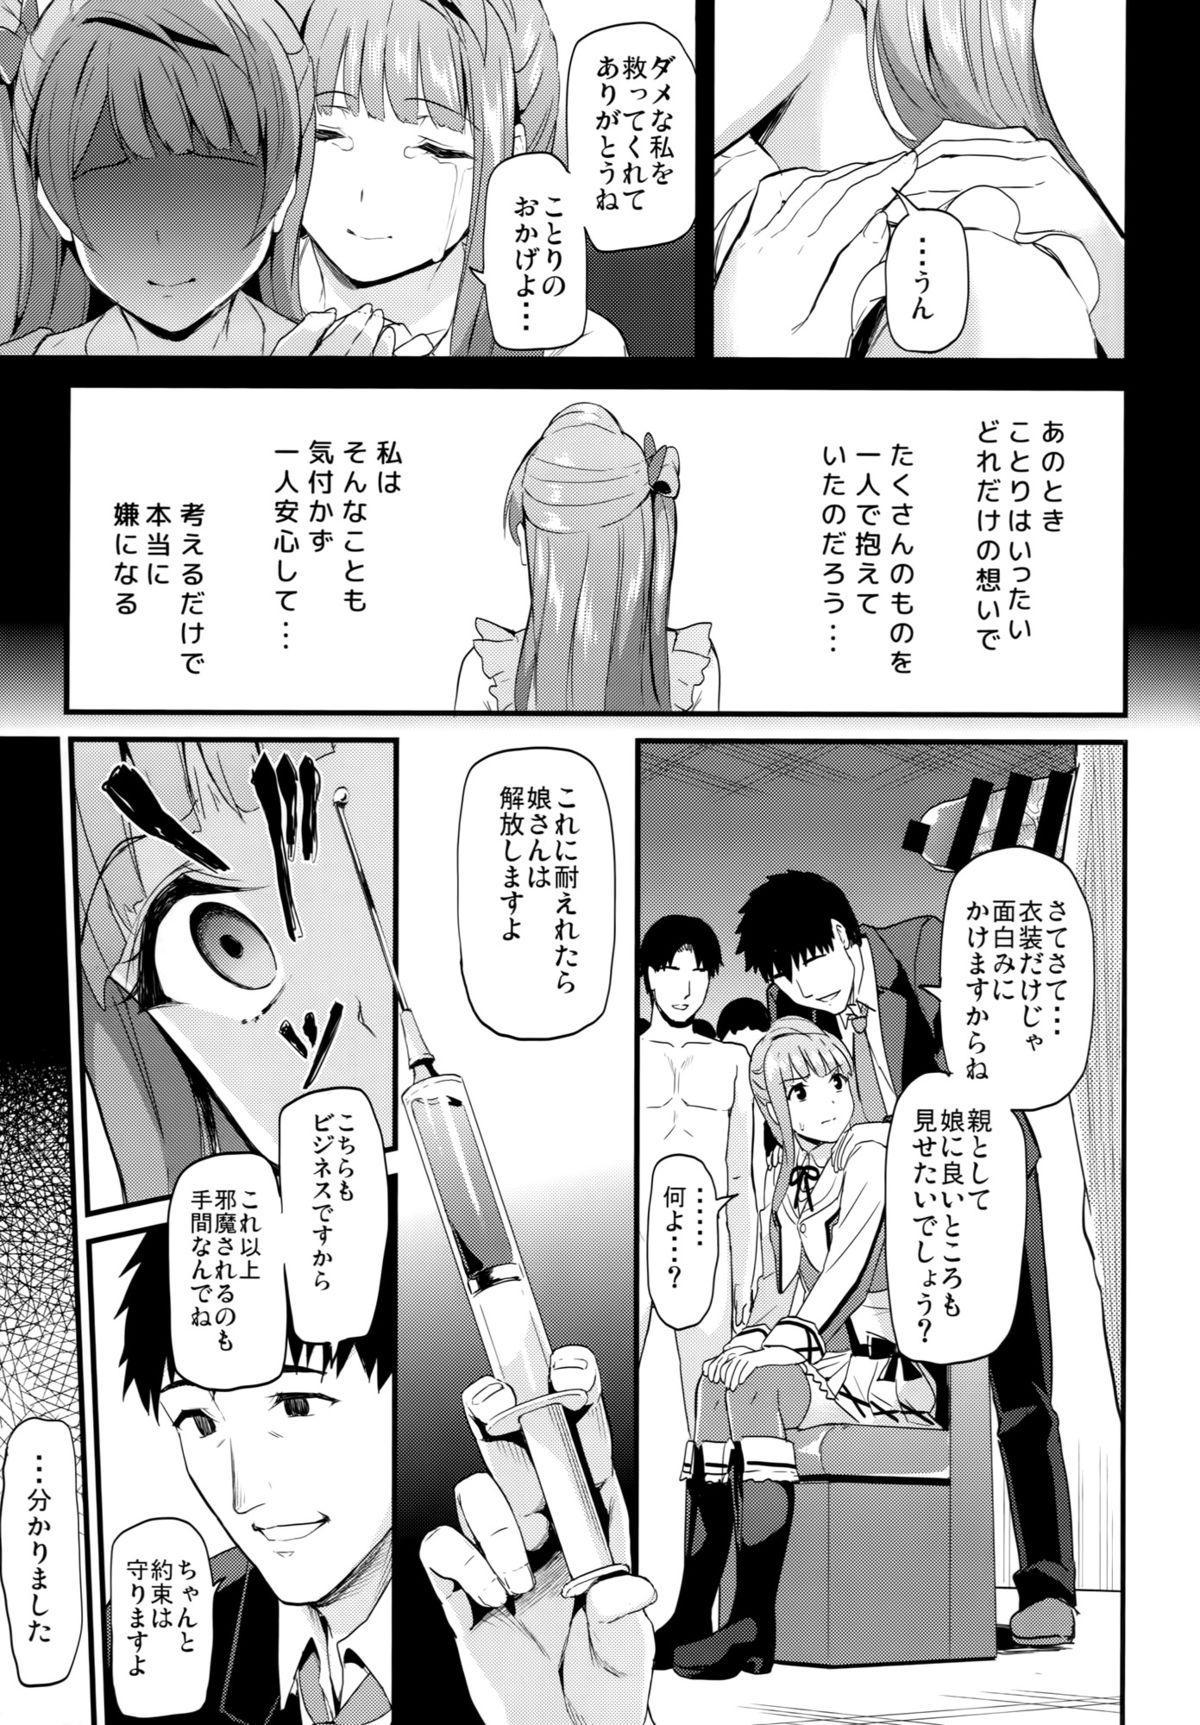 Kotori no Okage 5